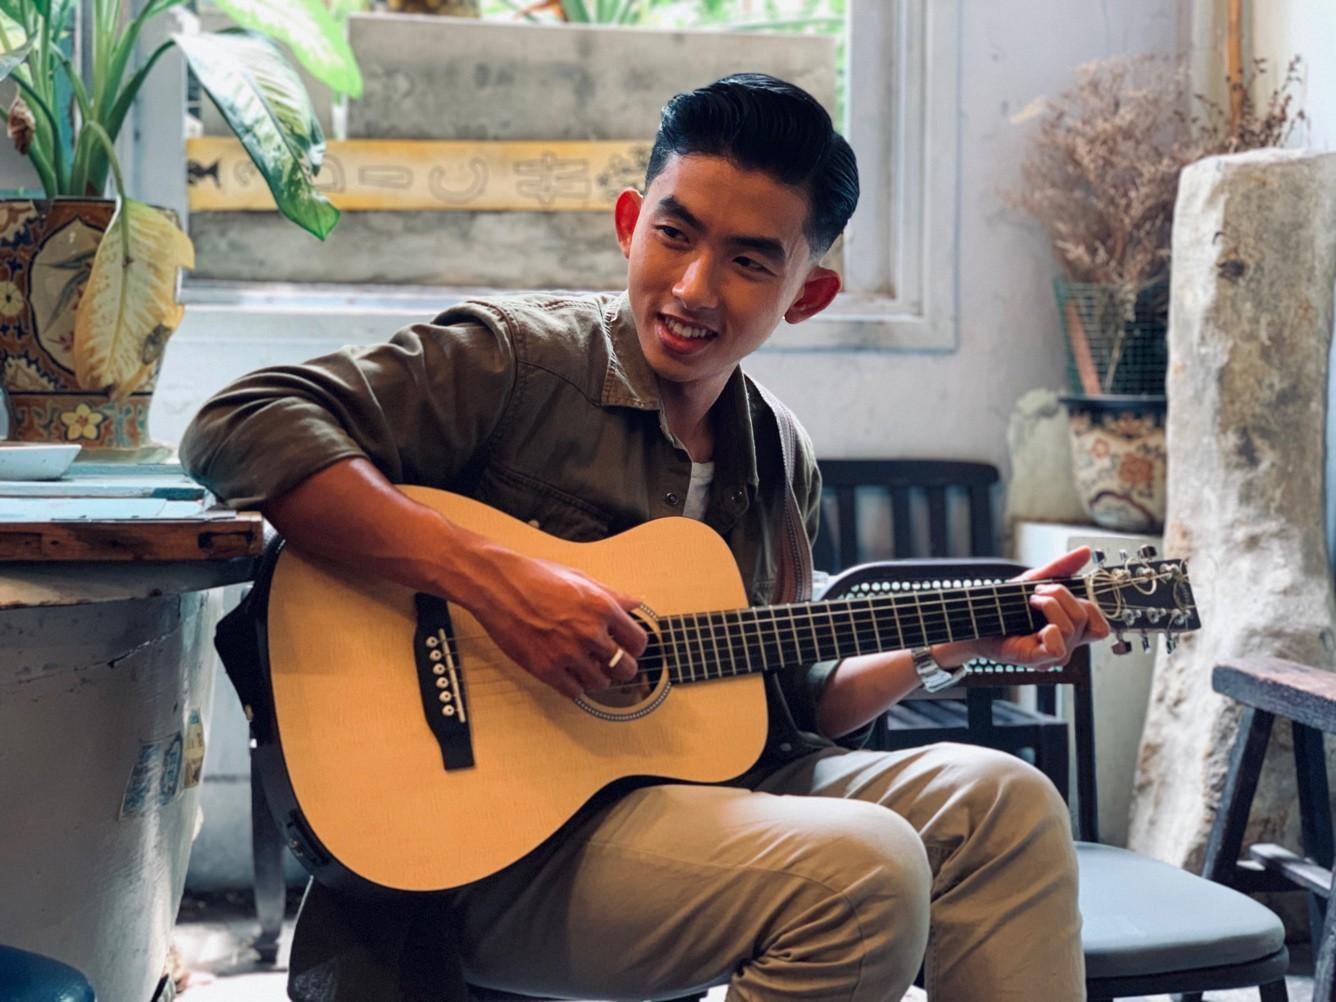 """Hot boy Trời sáng rồi, ta ngủ đi thôi"""" cover ca khúc của Ngọt, chính thức công phá """"Indie Cover Contest"""" - Ảnh 1."""